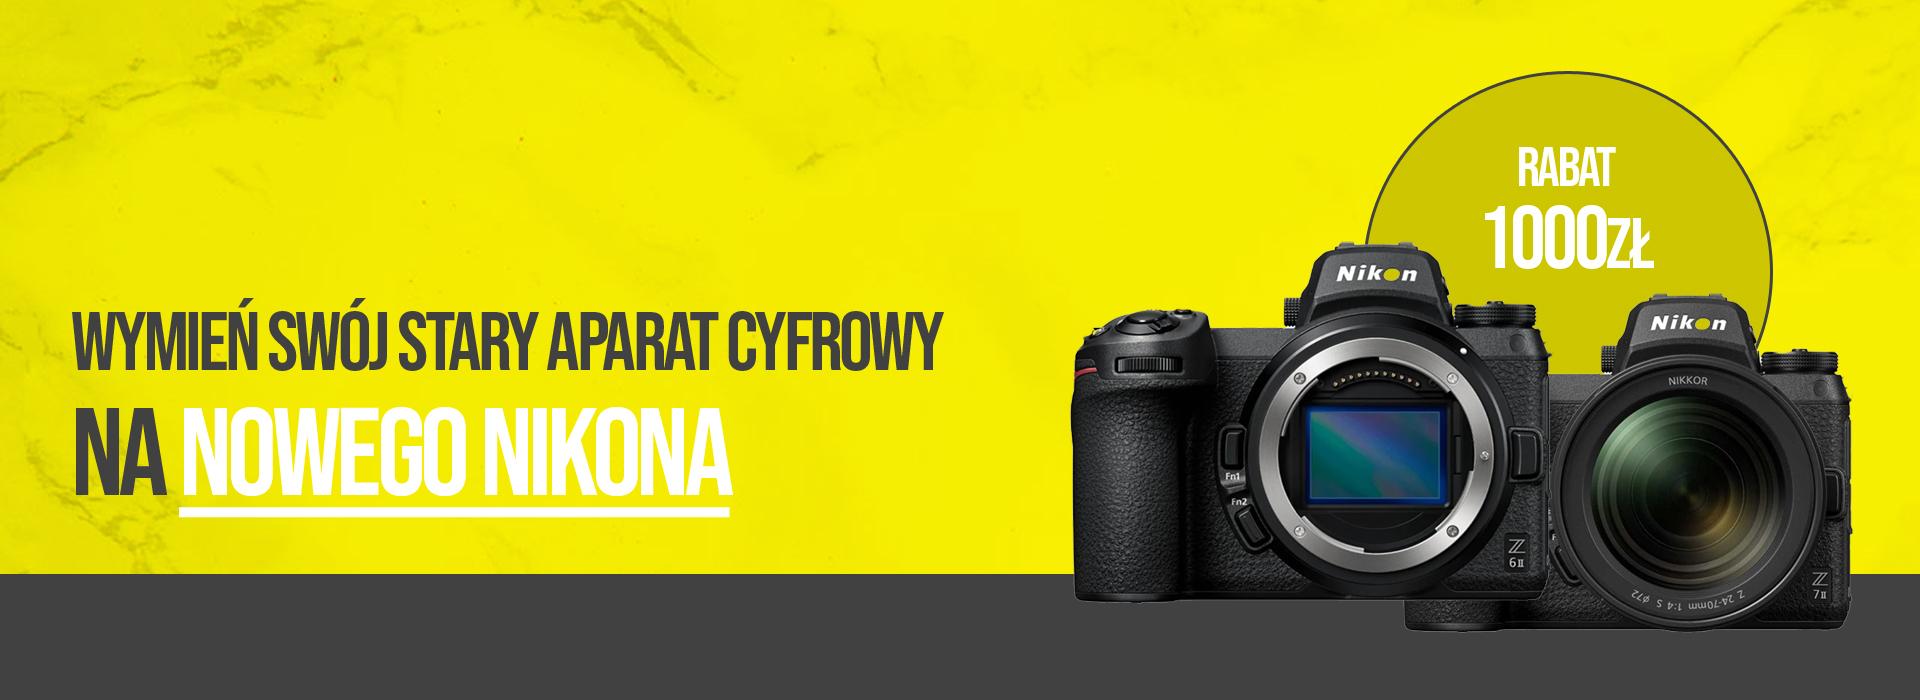 Wymień swój stary aparat cyfrowy na nowego Nikona